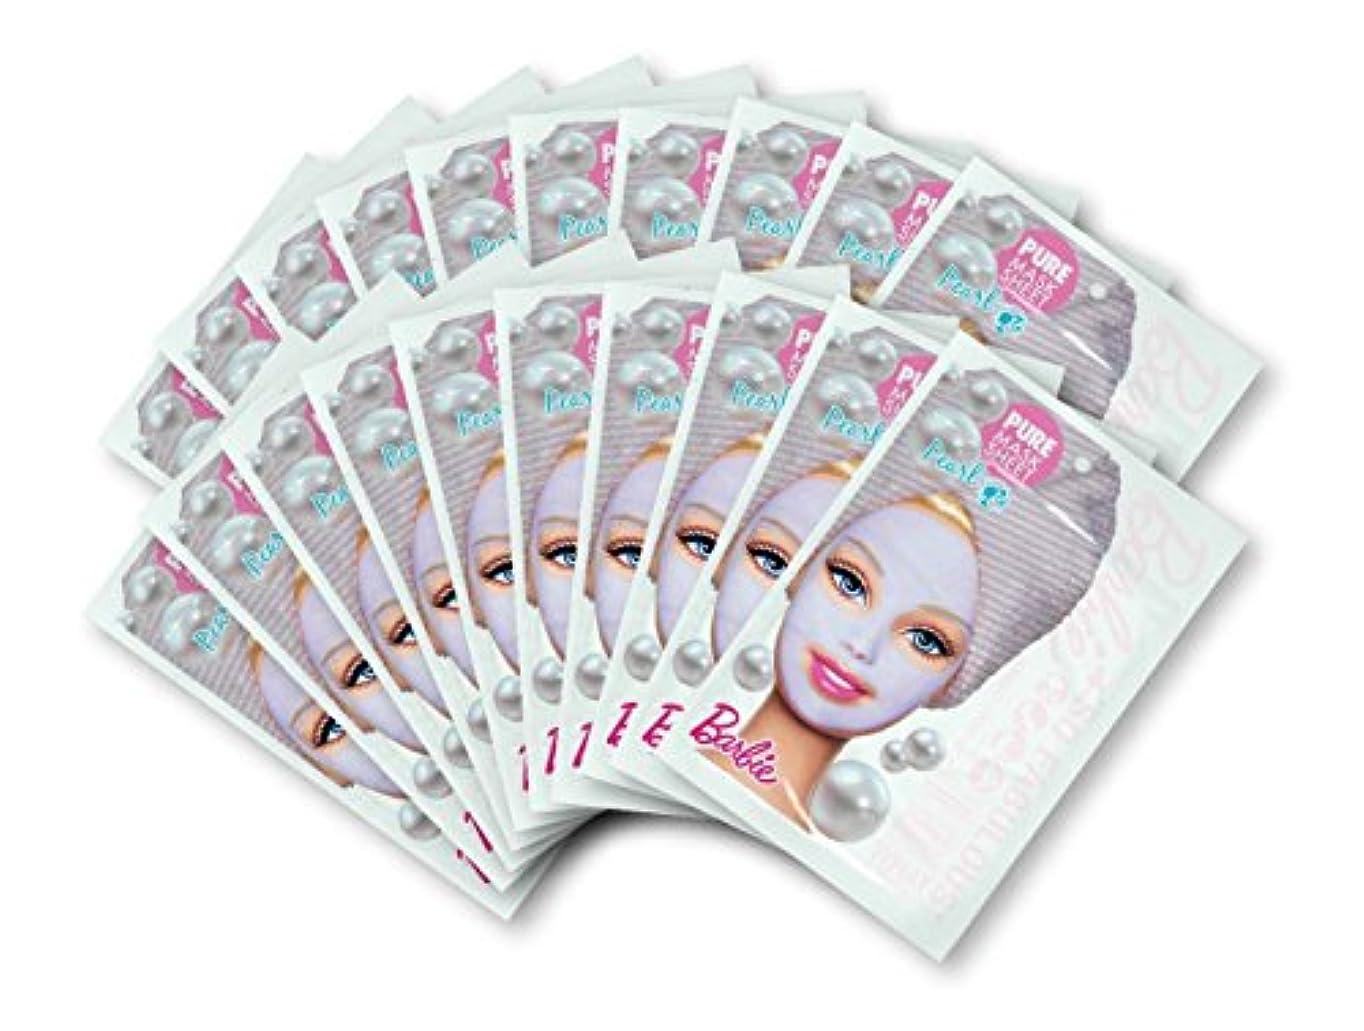 操作可能ソーシャル水を飲むバービー (Barbie) フェイスマスク ピュアマスクシートN (パール) 25ml×20枚入り [保湿] 顔 シートマスク フェイスパック